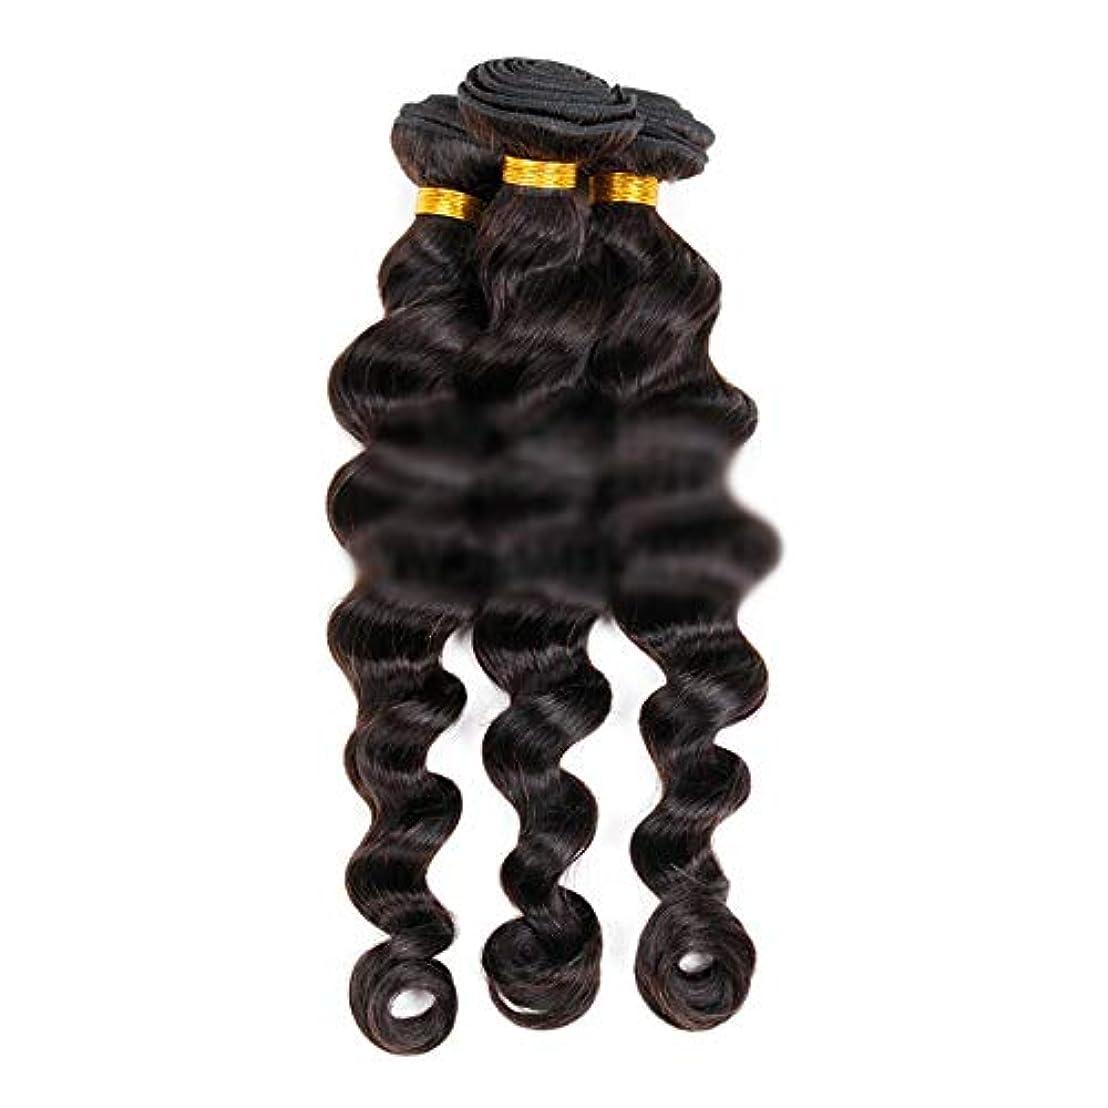 口径流星減衰HOHYLLYA ブラジルの髪織りエクステンション100%本物の人間の髪の毛のダブルよこ糸の緩い波カーリーブラックカラー12インチ28インチ1個50g /バンドル人毛ウィッグ (色 : 黒, サイズ : 22 inch)